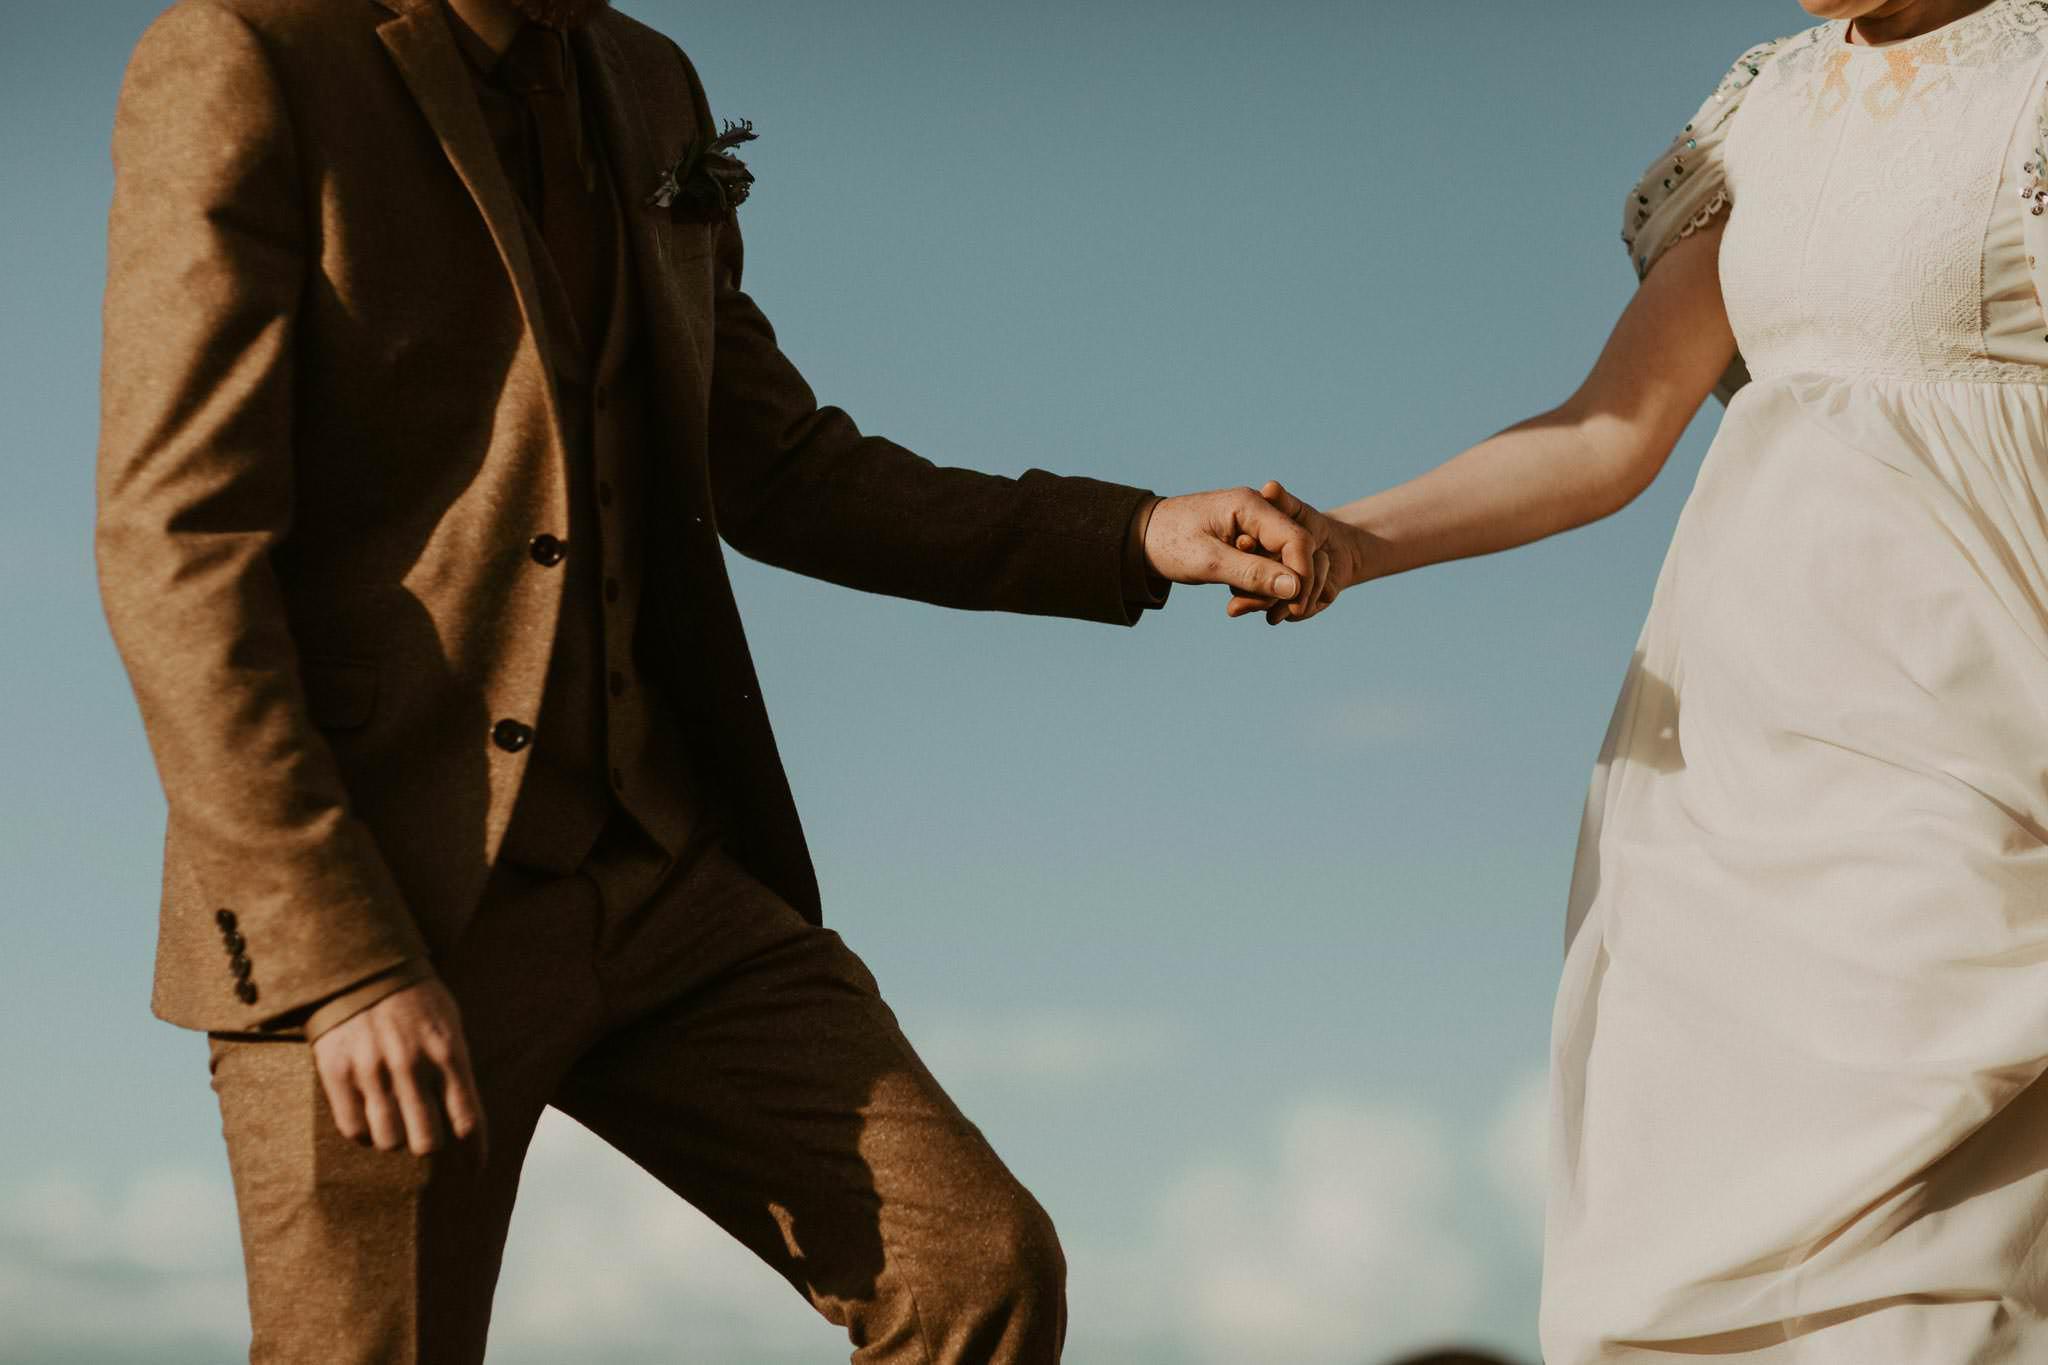 scottish-wedding-photography-117